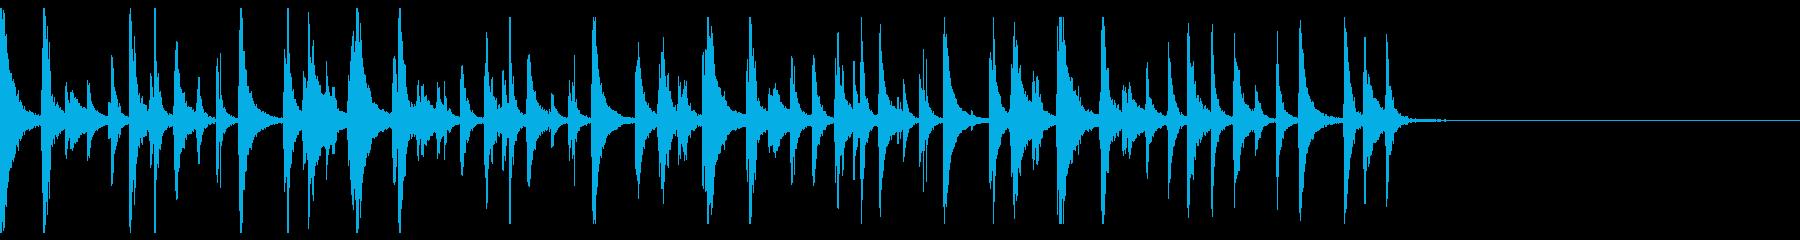 民族楽器なシンキングタイム音の再生済みの波形